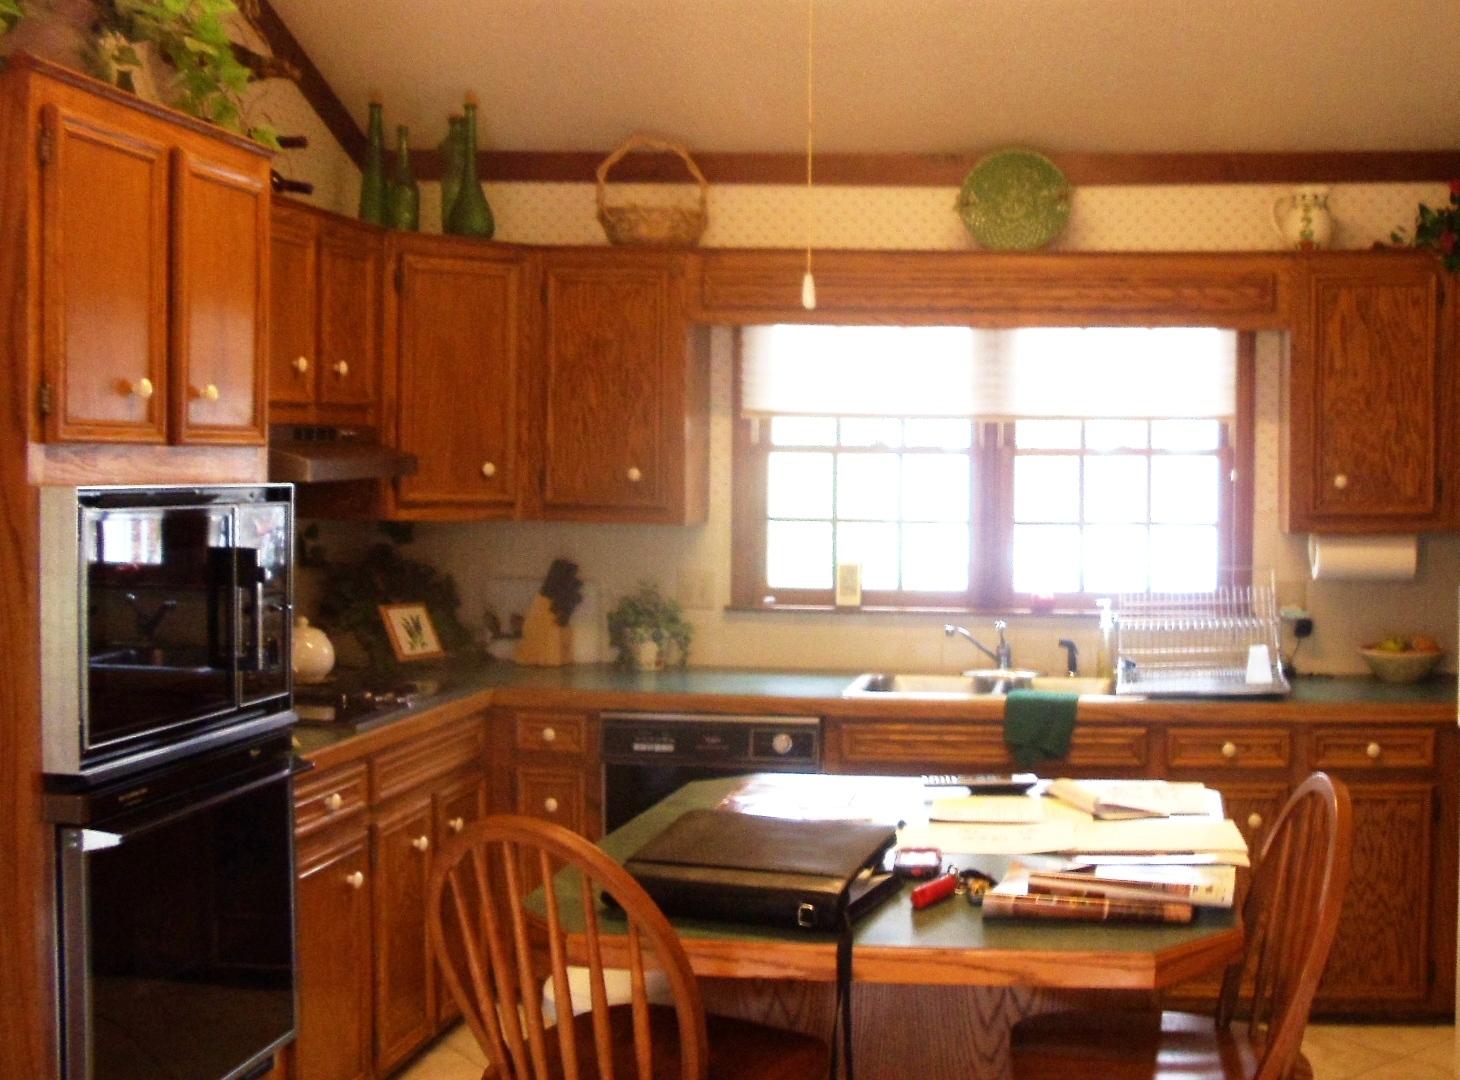 Kitchen cabinet valance ideas | Hawk Haven